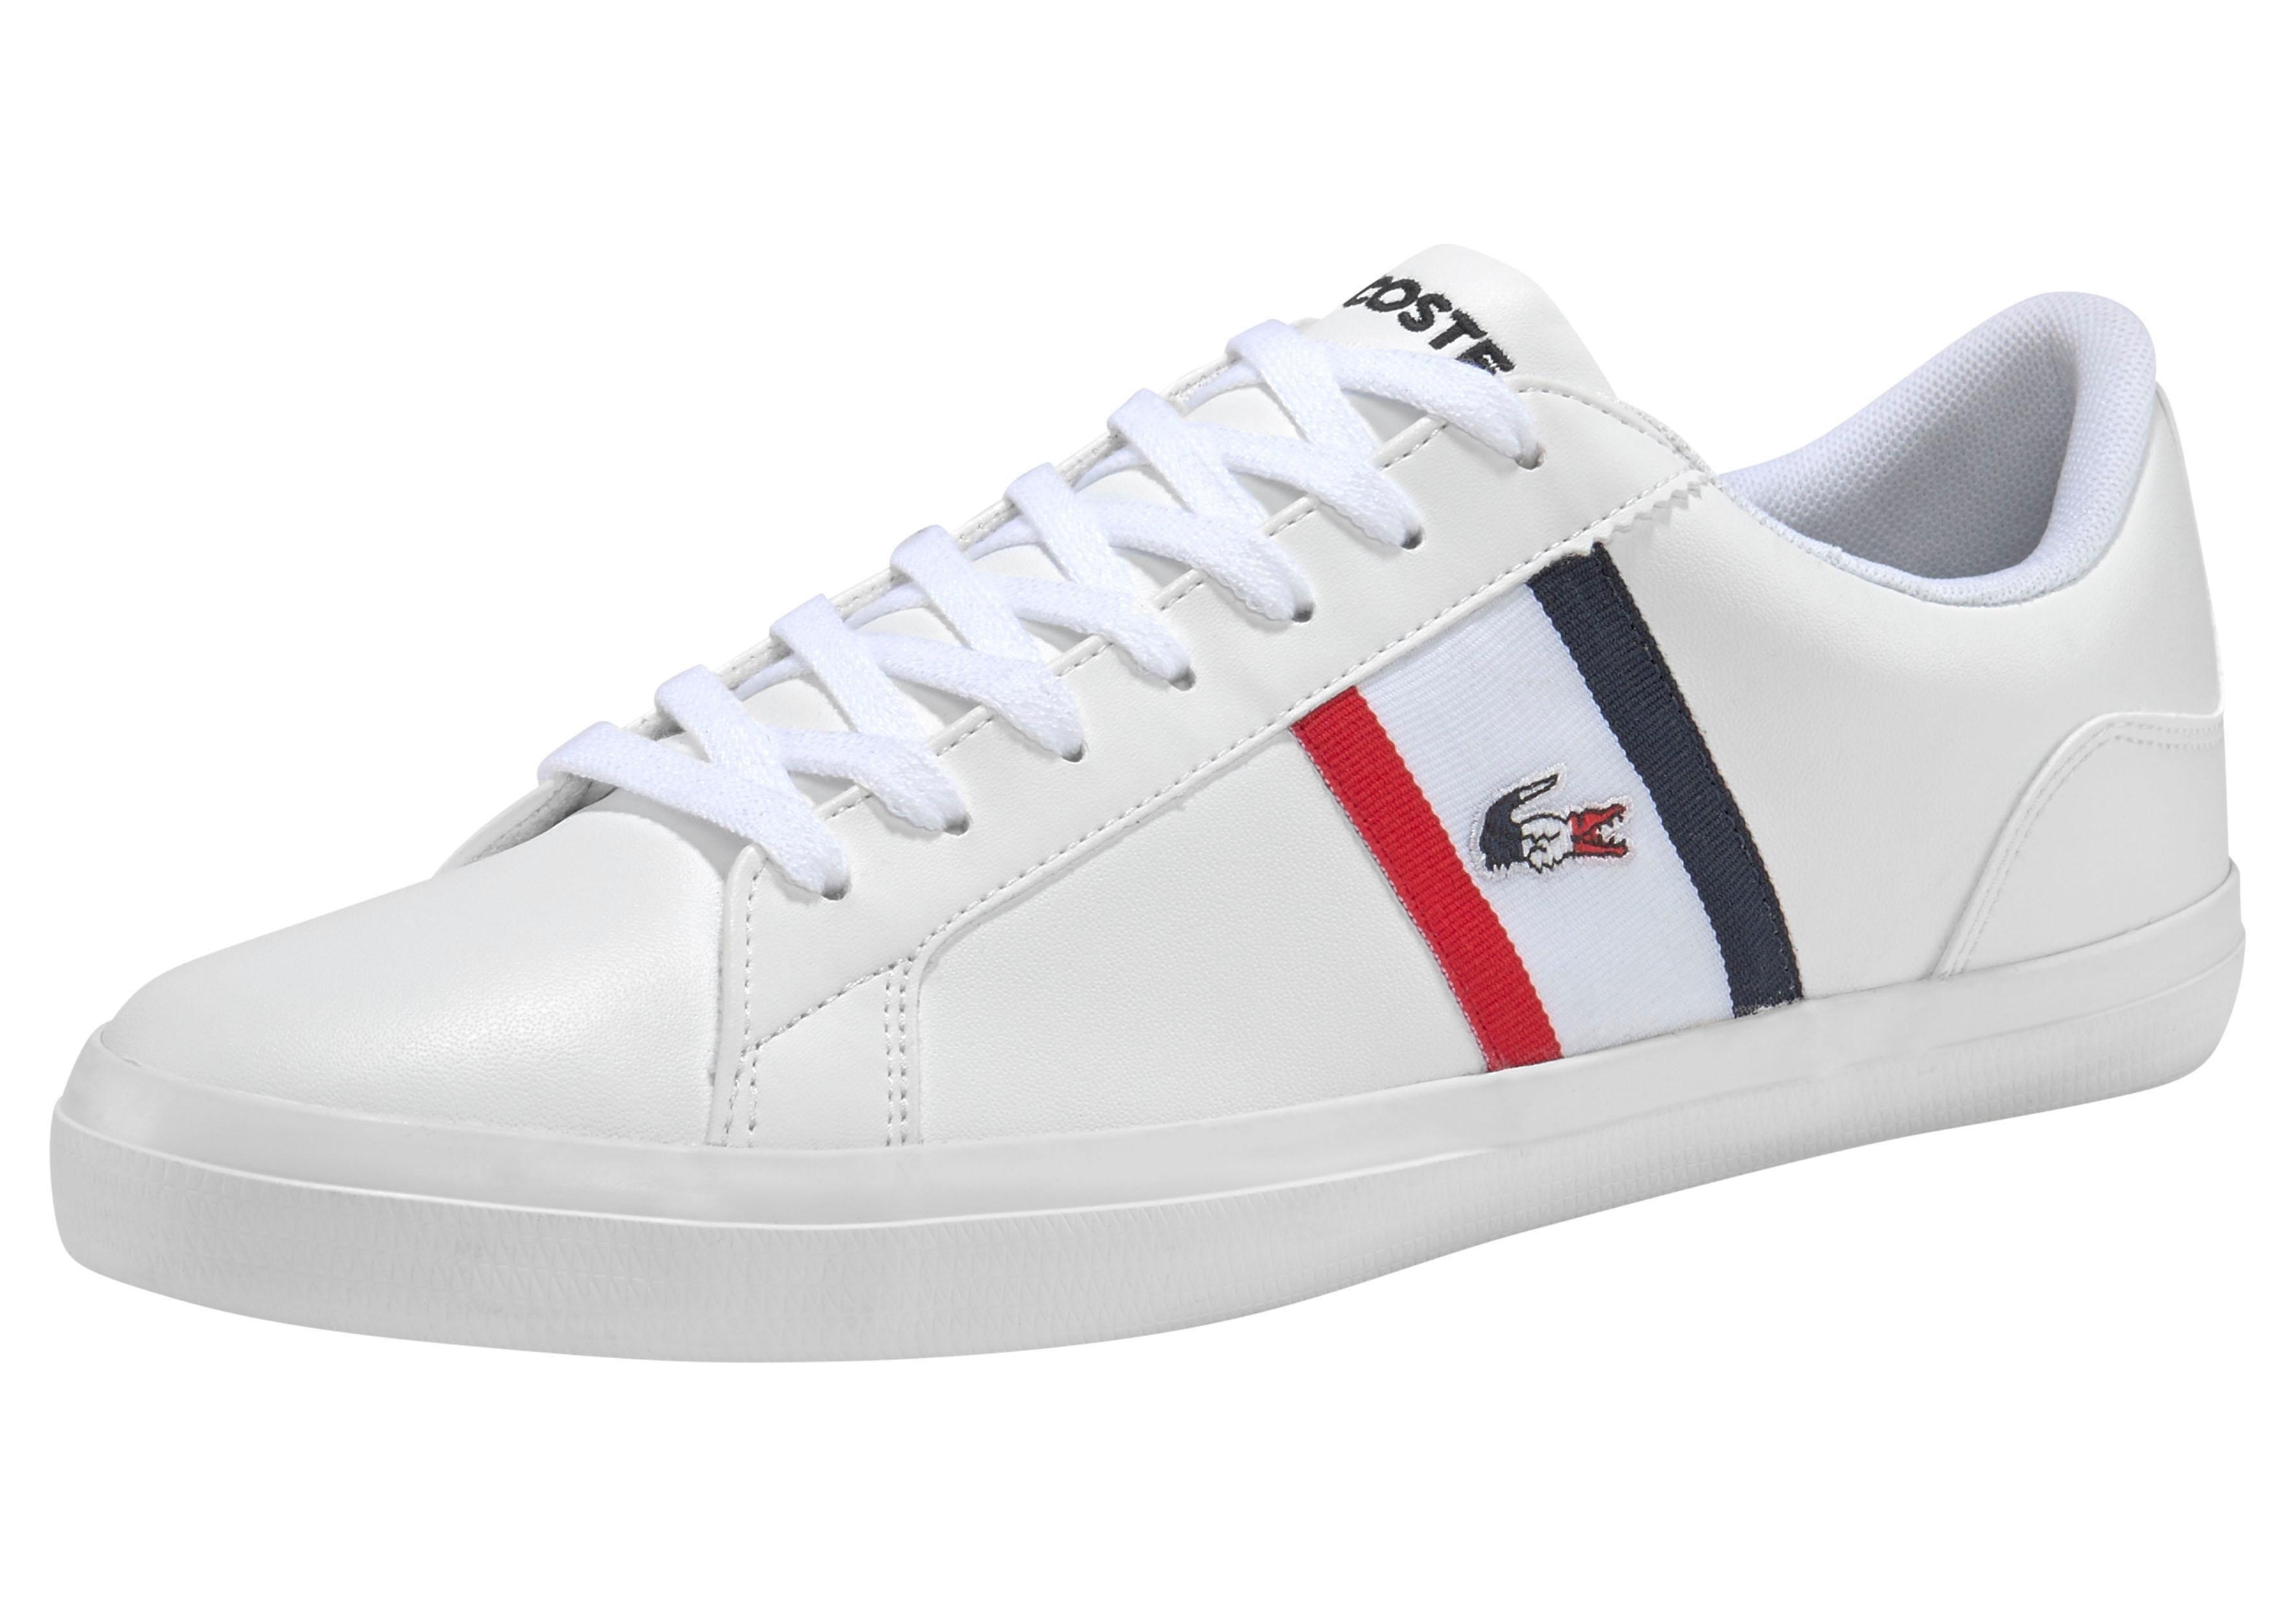 Lacoste sneakers »LEROND TRI1 CMA« bestellen: 30 dagen bedenktijd